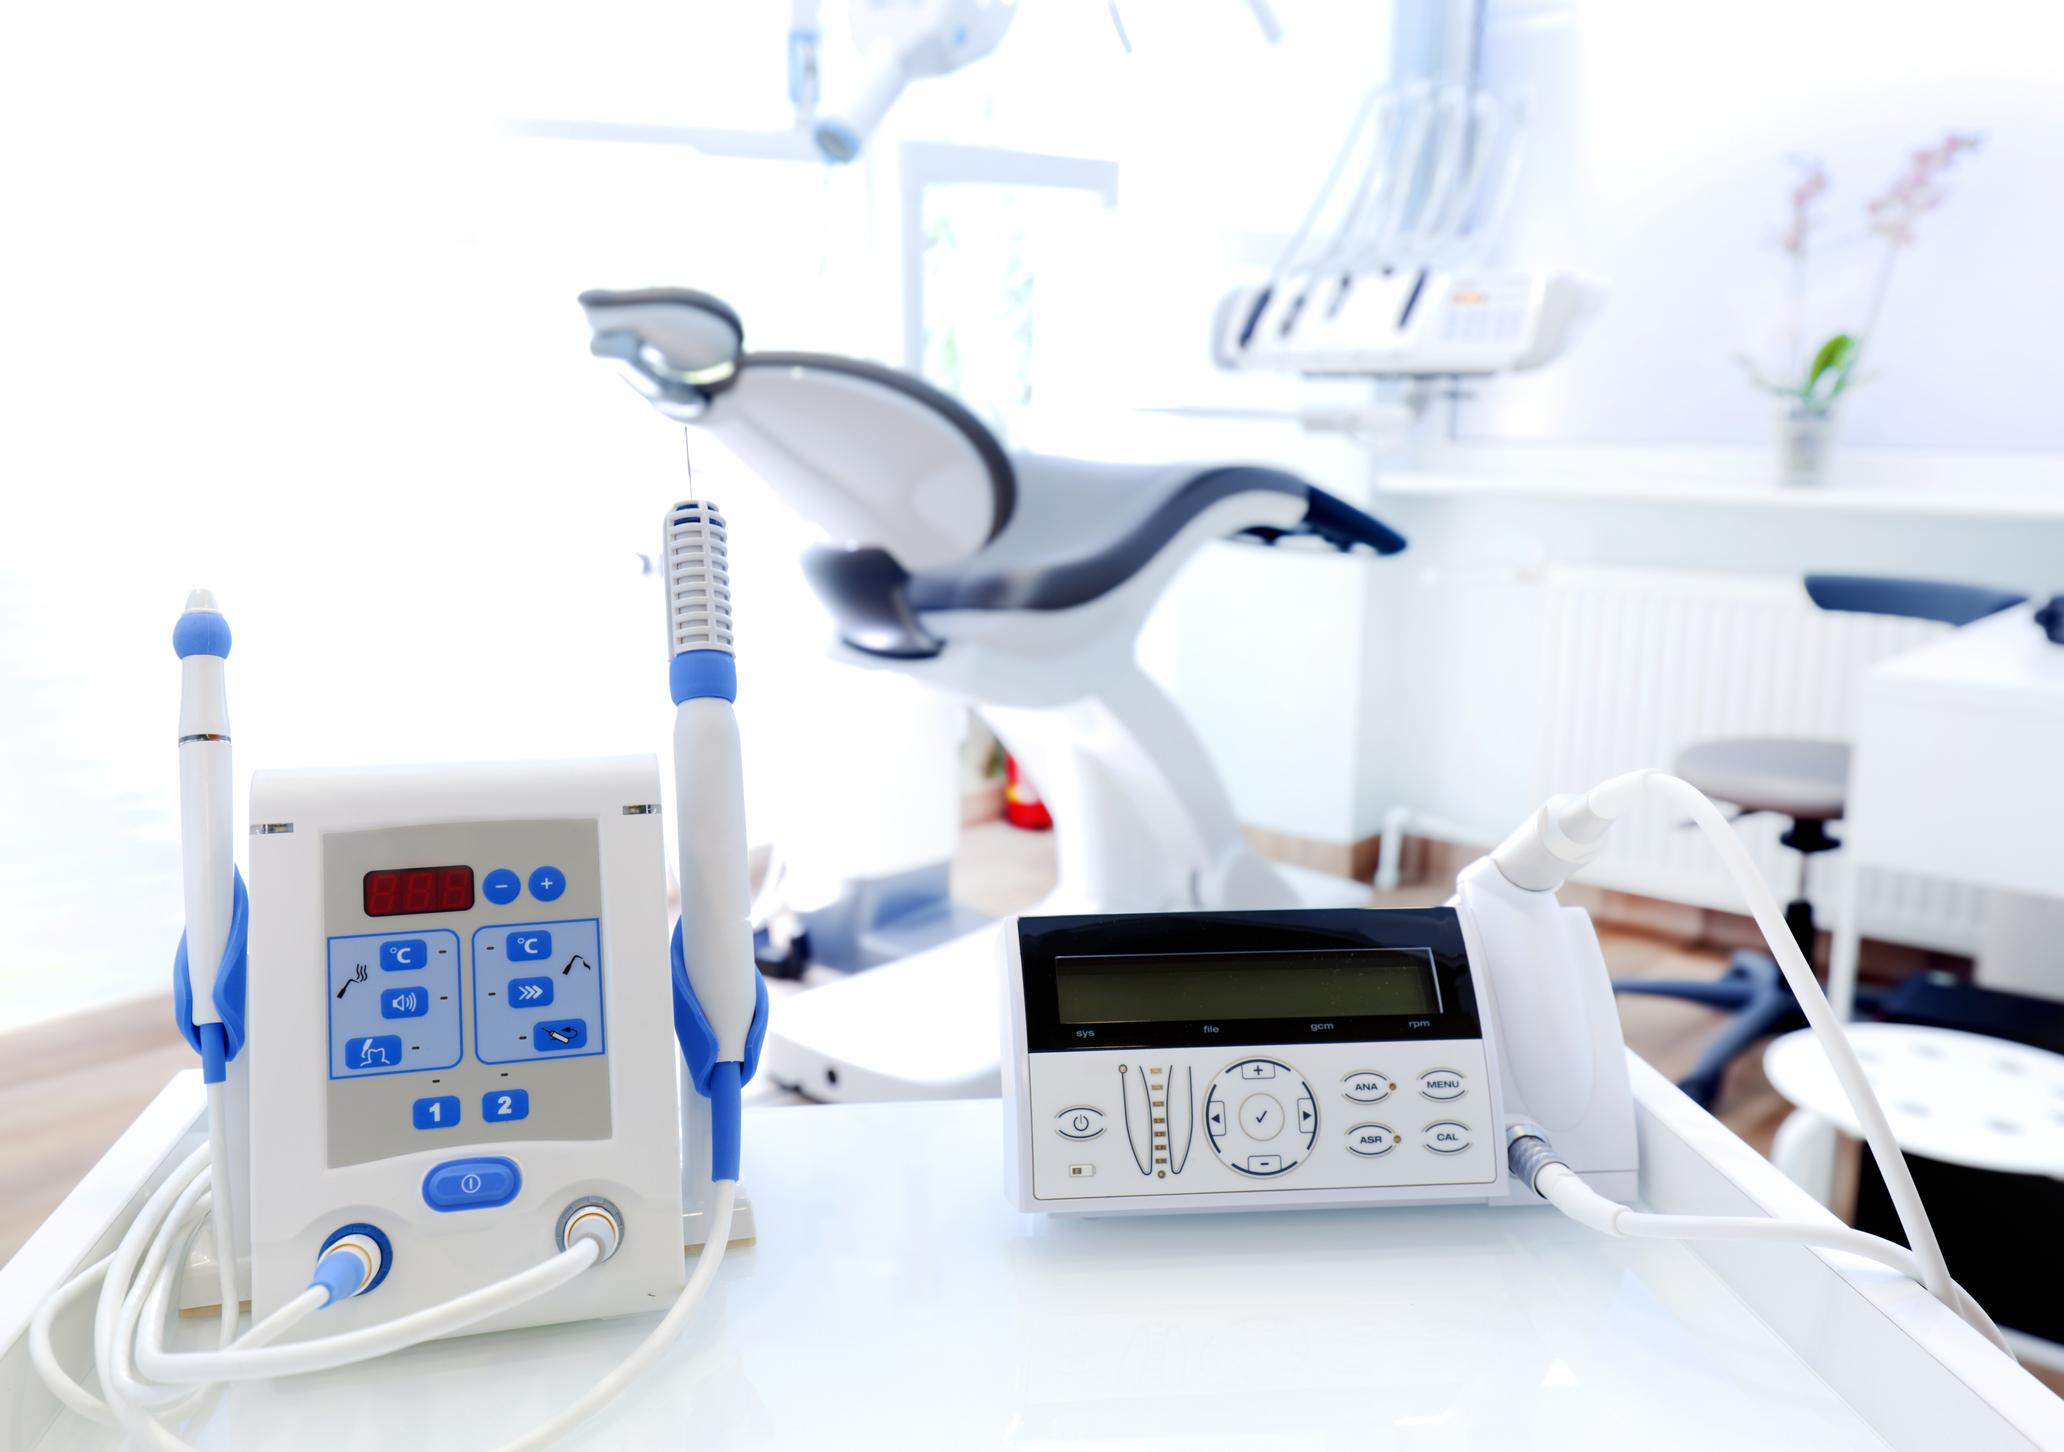 Dental Equipment Suppliers in Dubai